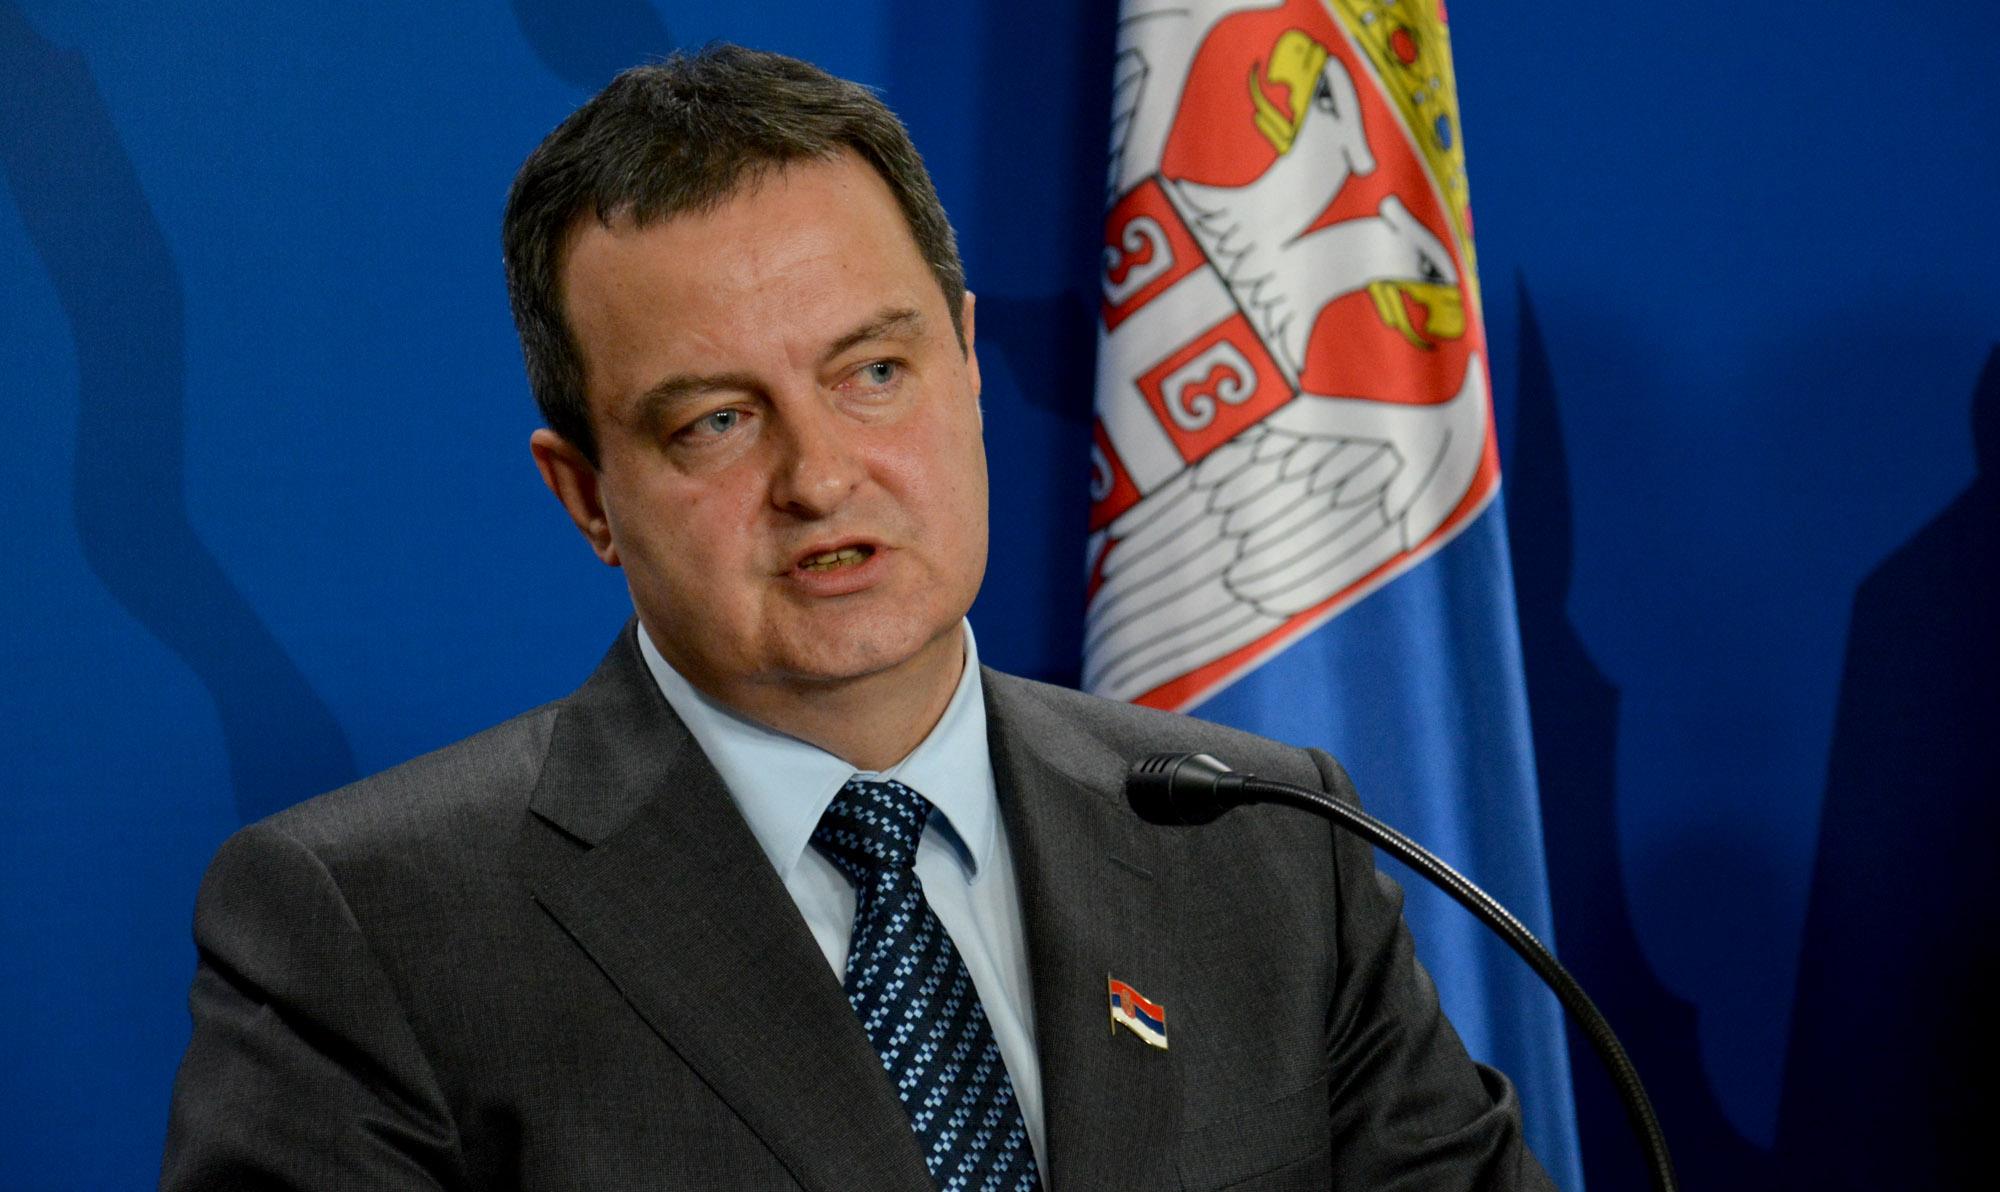 Daçiç: Marrëveshja me Kosovën pas formimit të Asociacionit të Komunave Serbe